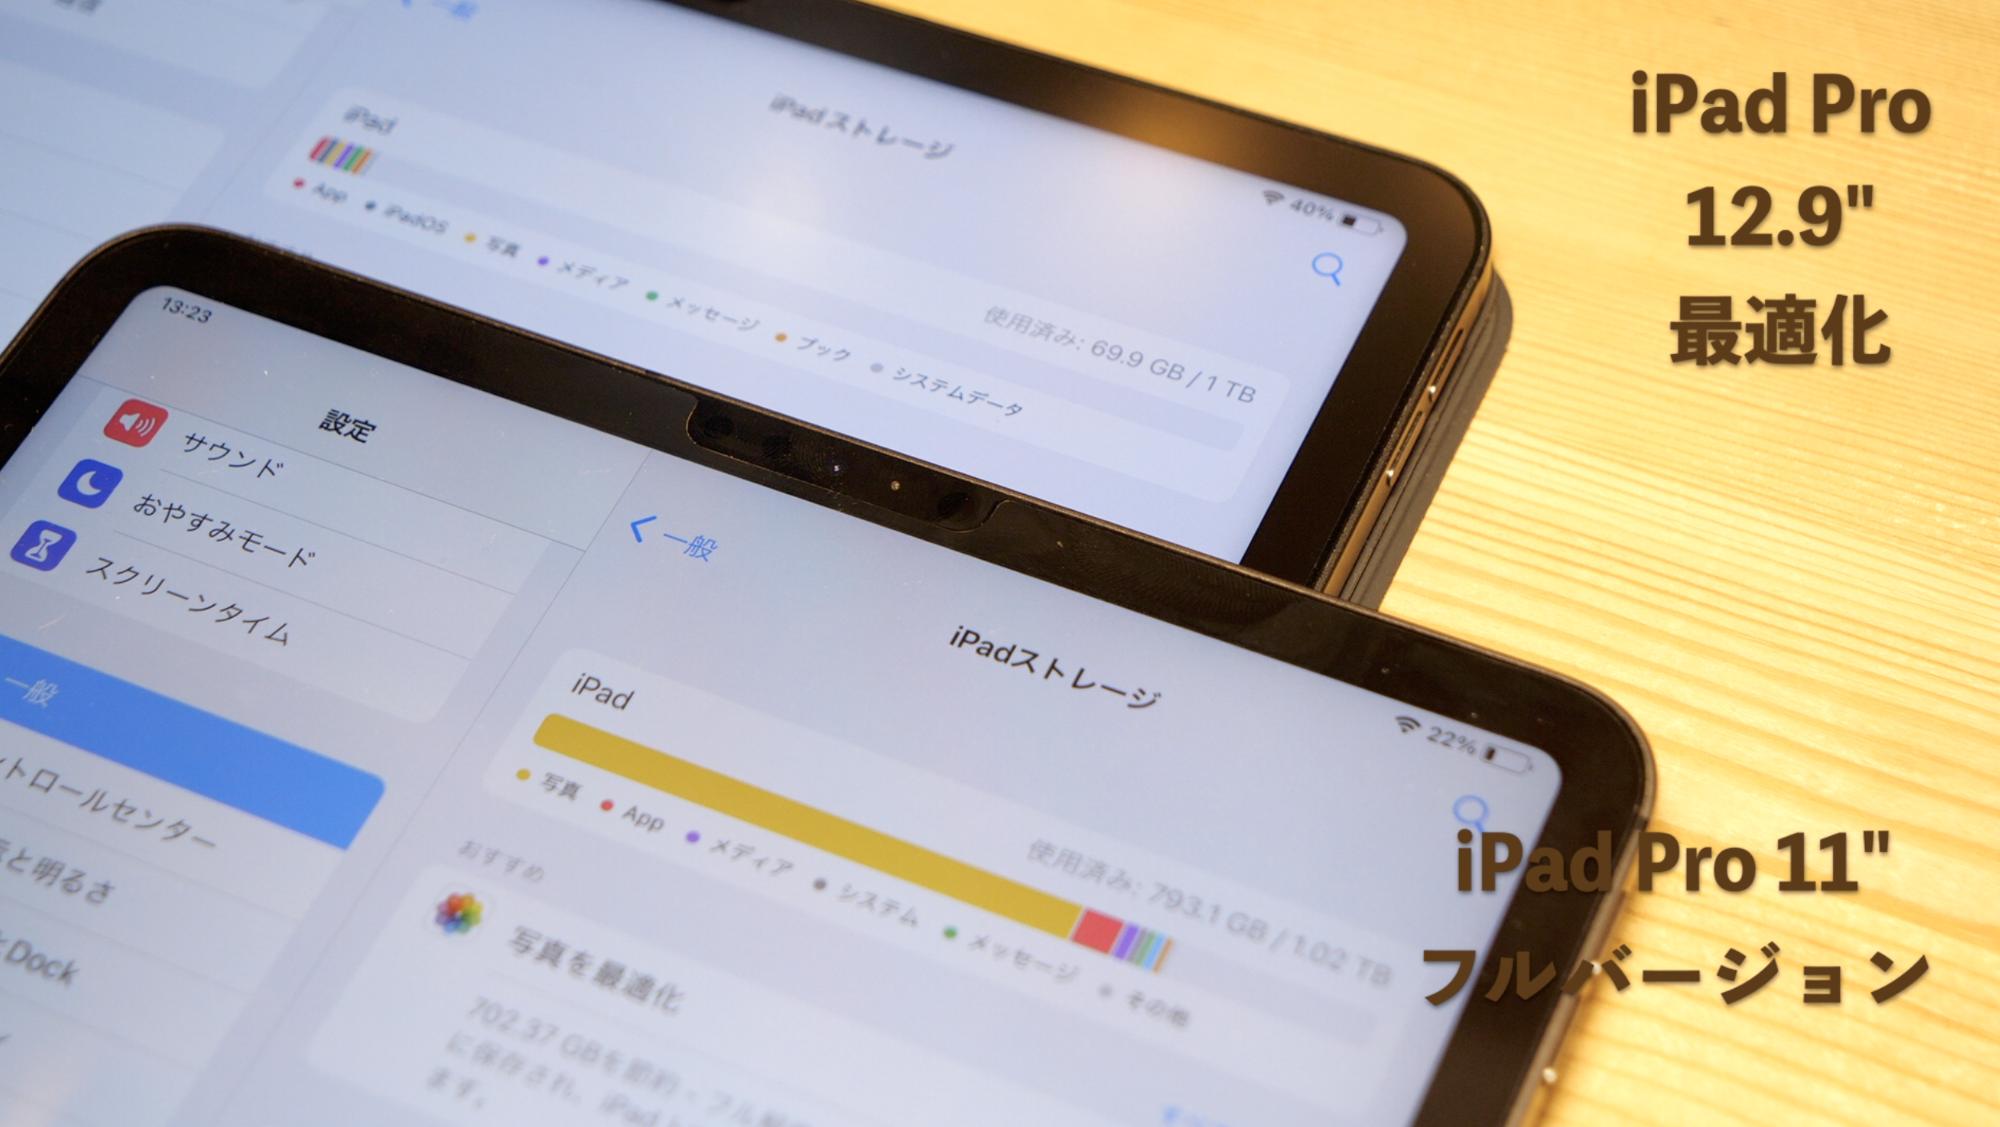 同じ内容のiPad二台でもこんなに本体ストレージ使用量が違う